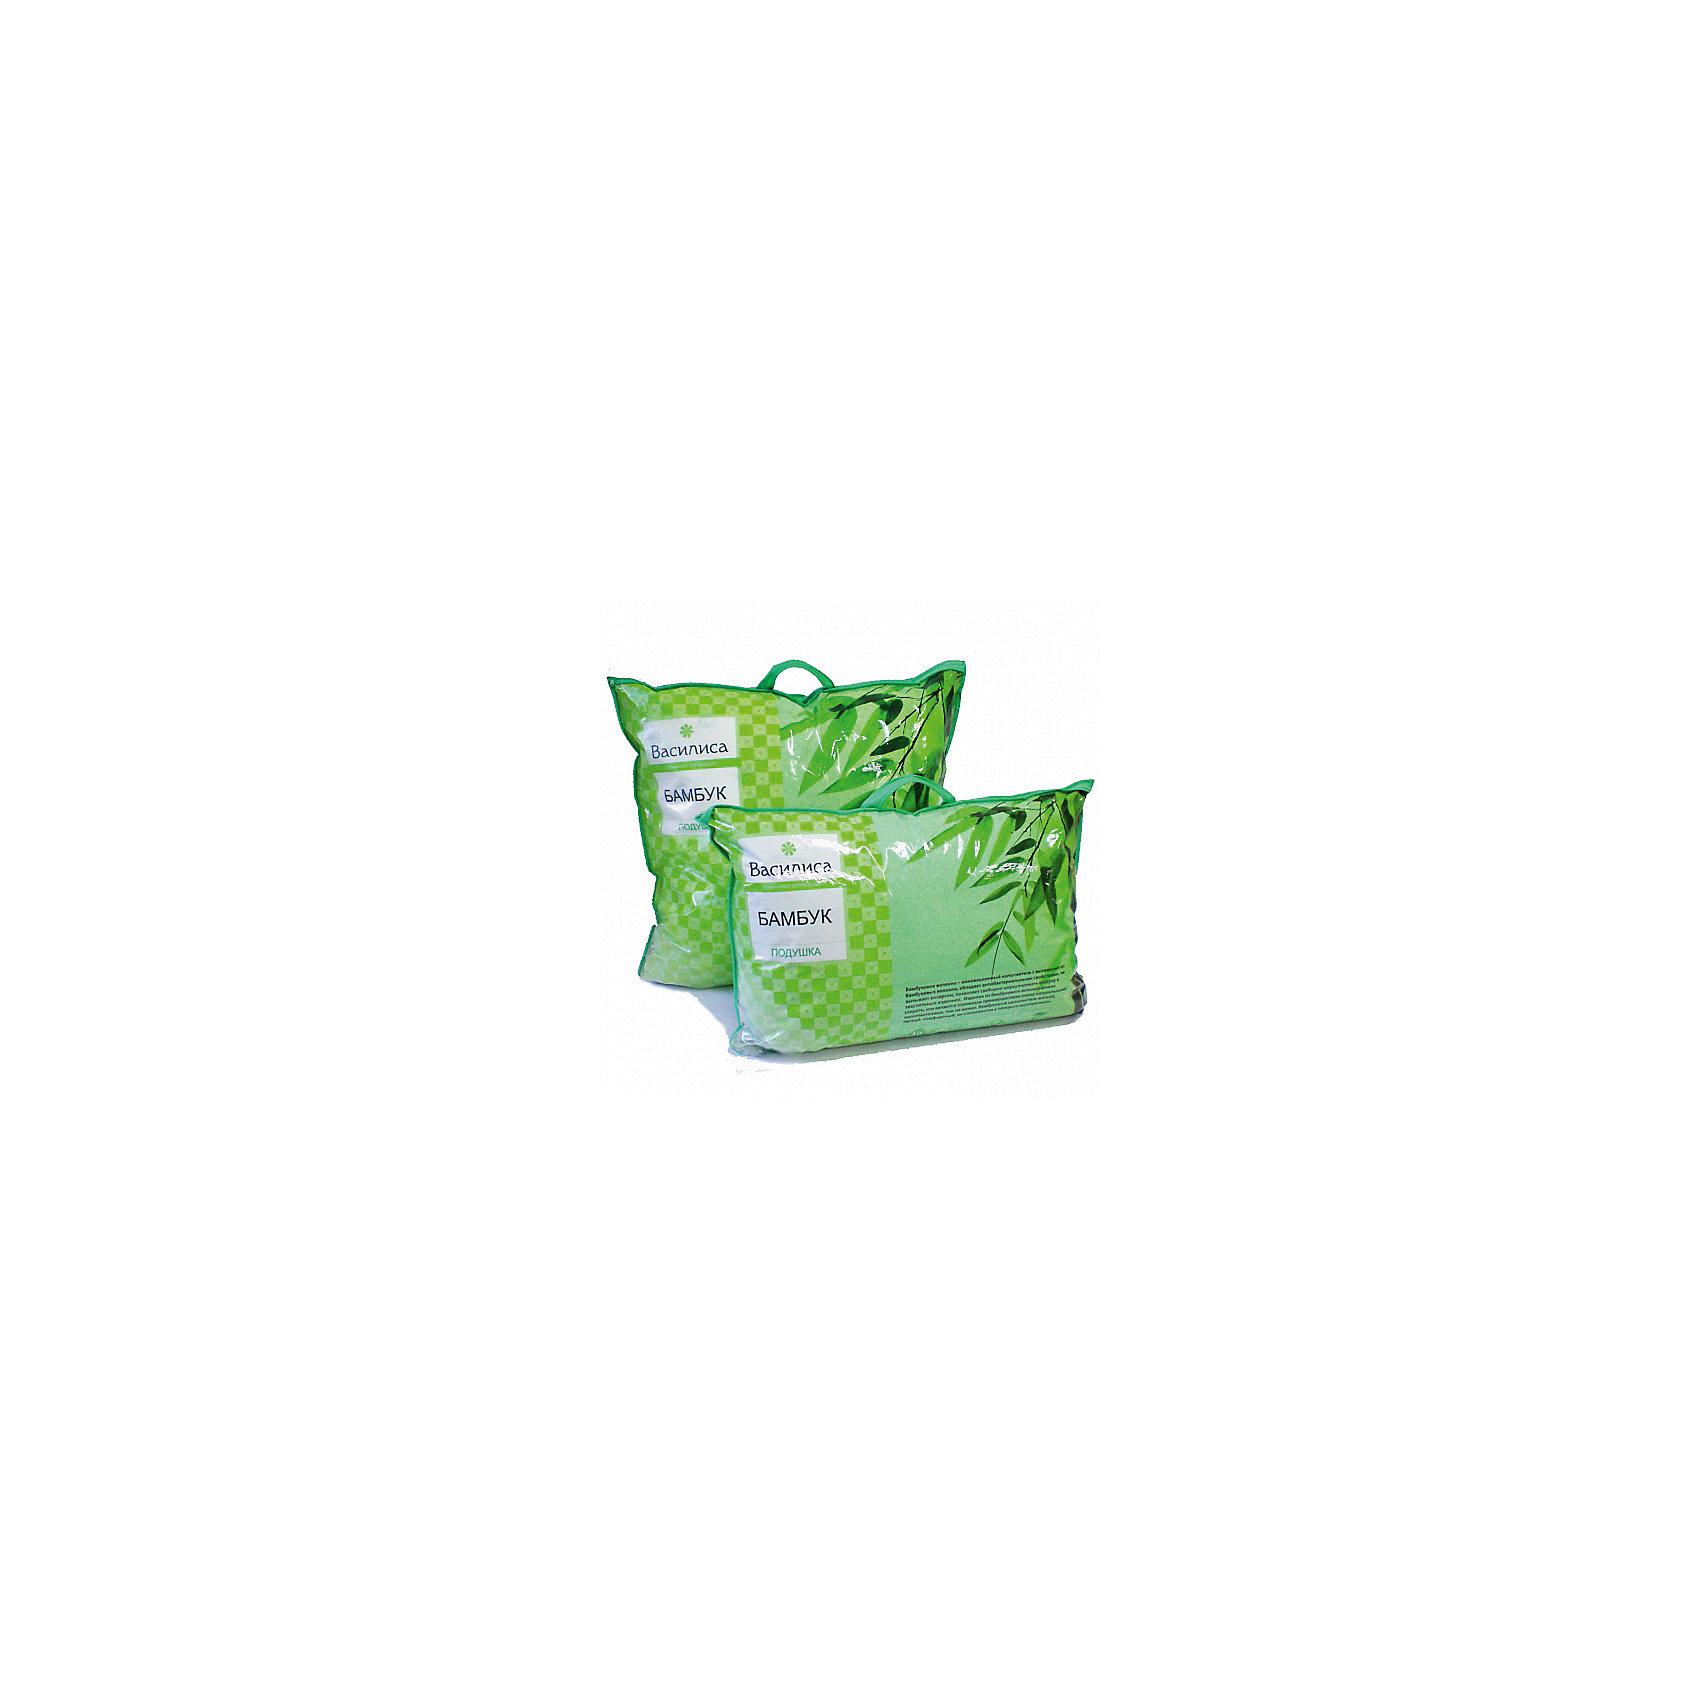 Подушка Бамбук 70*70 см, ВасилисаПодушка Бамбук 70*70 см, Василиса – это лучшим выбором для комфортного и здорового сна и отдыха.<br>Подушка Бамбук обладает естественными антибактериальными свойствами, успокаивает и восстанавливает во время сна, не вызывает аллергии. Бамбуковое волокно - натуральный растительный наполнитель, обеспечивающий комфорт и здоровый сон. Уникальная пористая структура волокна позволяет свободно дышать - создает эффект свежести во время сна. Изделия из бамбукового волокна можно стирать, что является огромным преимуществом перед натуральными наполнителями. Этот наполнитель мягкий, лёгкий, комфортный, не слёживается в процессе эксплуатации. Чехол подушки выполнен из тика. Тик натуральная ткань, отличающаяся высокой плотностью, устойчива к проколам и разрывам, а также отличается долговечностью в использовании.<br><br>Дополнительная информация:<br><br>- Материал чехла: тик<br>- Цвет: зеленый<br>- Наполнитель: бамбуковое волокно<br>- Размер подушки: 70 х 70 см.<br>- Размер упаковки: 70 х 70 х 20 см.<br>- Вес: 600 гр.<br><br>Подушку Бамбук 70*70 см, Василиса можно купить в нашем интернет-магазине.<br><br>Ширина мм: 700<br>Глубина мм: 700<br>Высота мм: 200<br>Вес г: 600<br>Возраст от месяцев: 36<br>Возраст до месяцев: 216<br>Пол: Унисекс<br>Возраст: Детский<br>SKU: 4143478